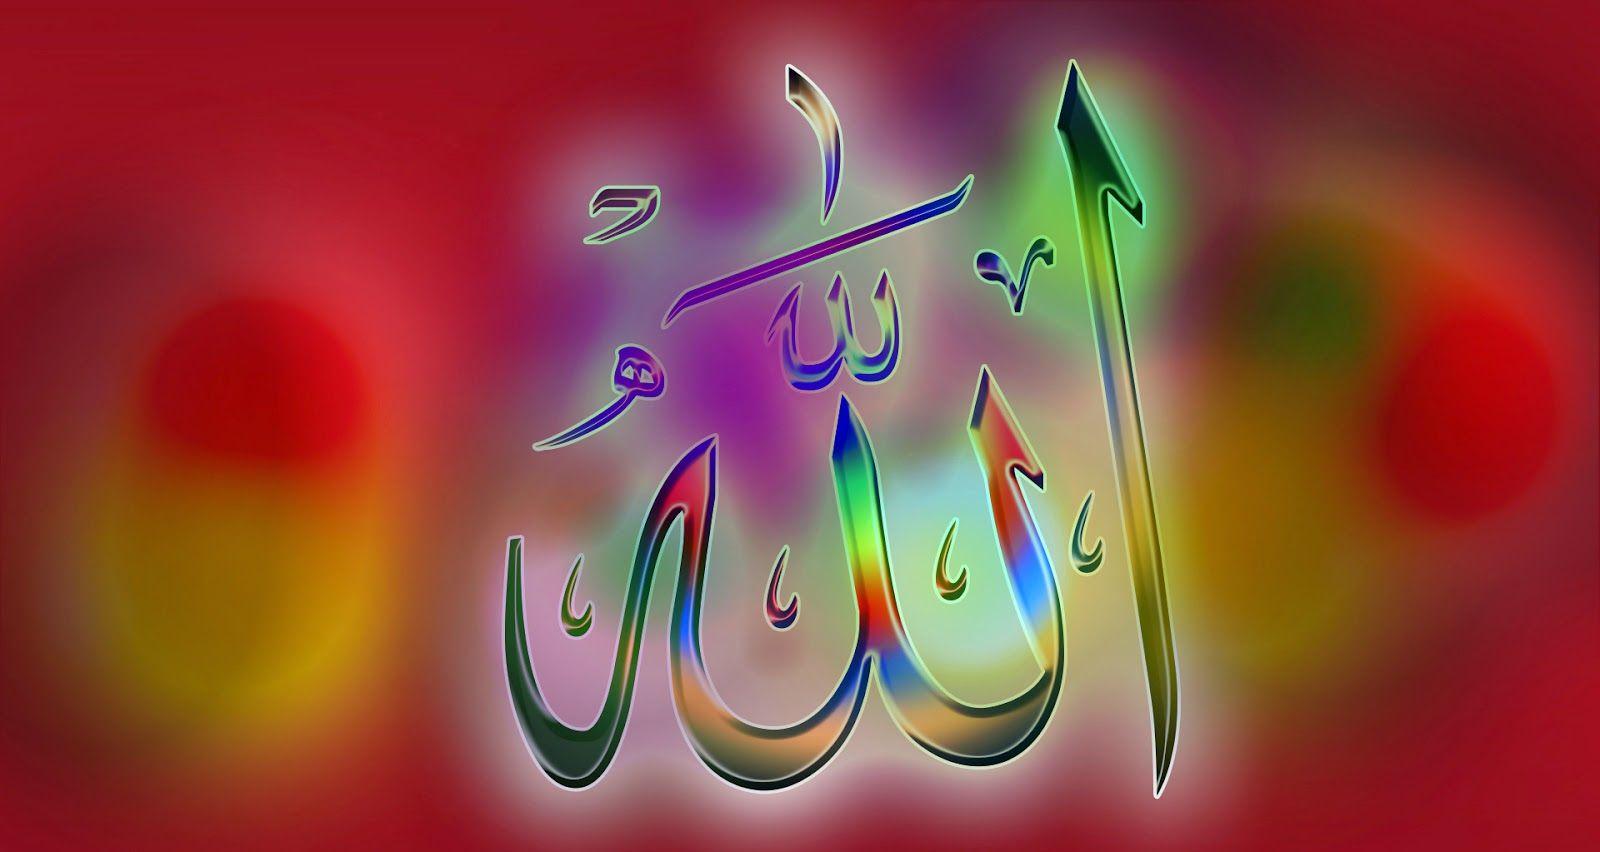 Allah Name Multi Color Desktop Hd Wallpaper 9 Wallpapers Hd Allah Names Name Wallpaper Islamic Wallpaper Hd